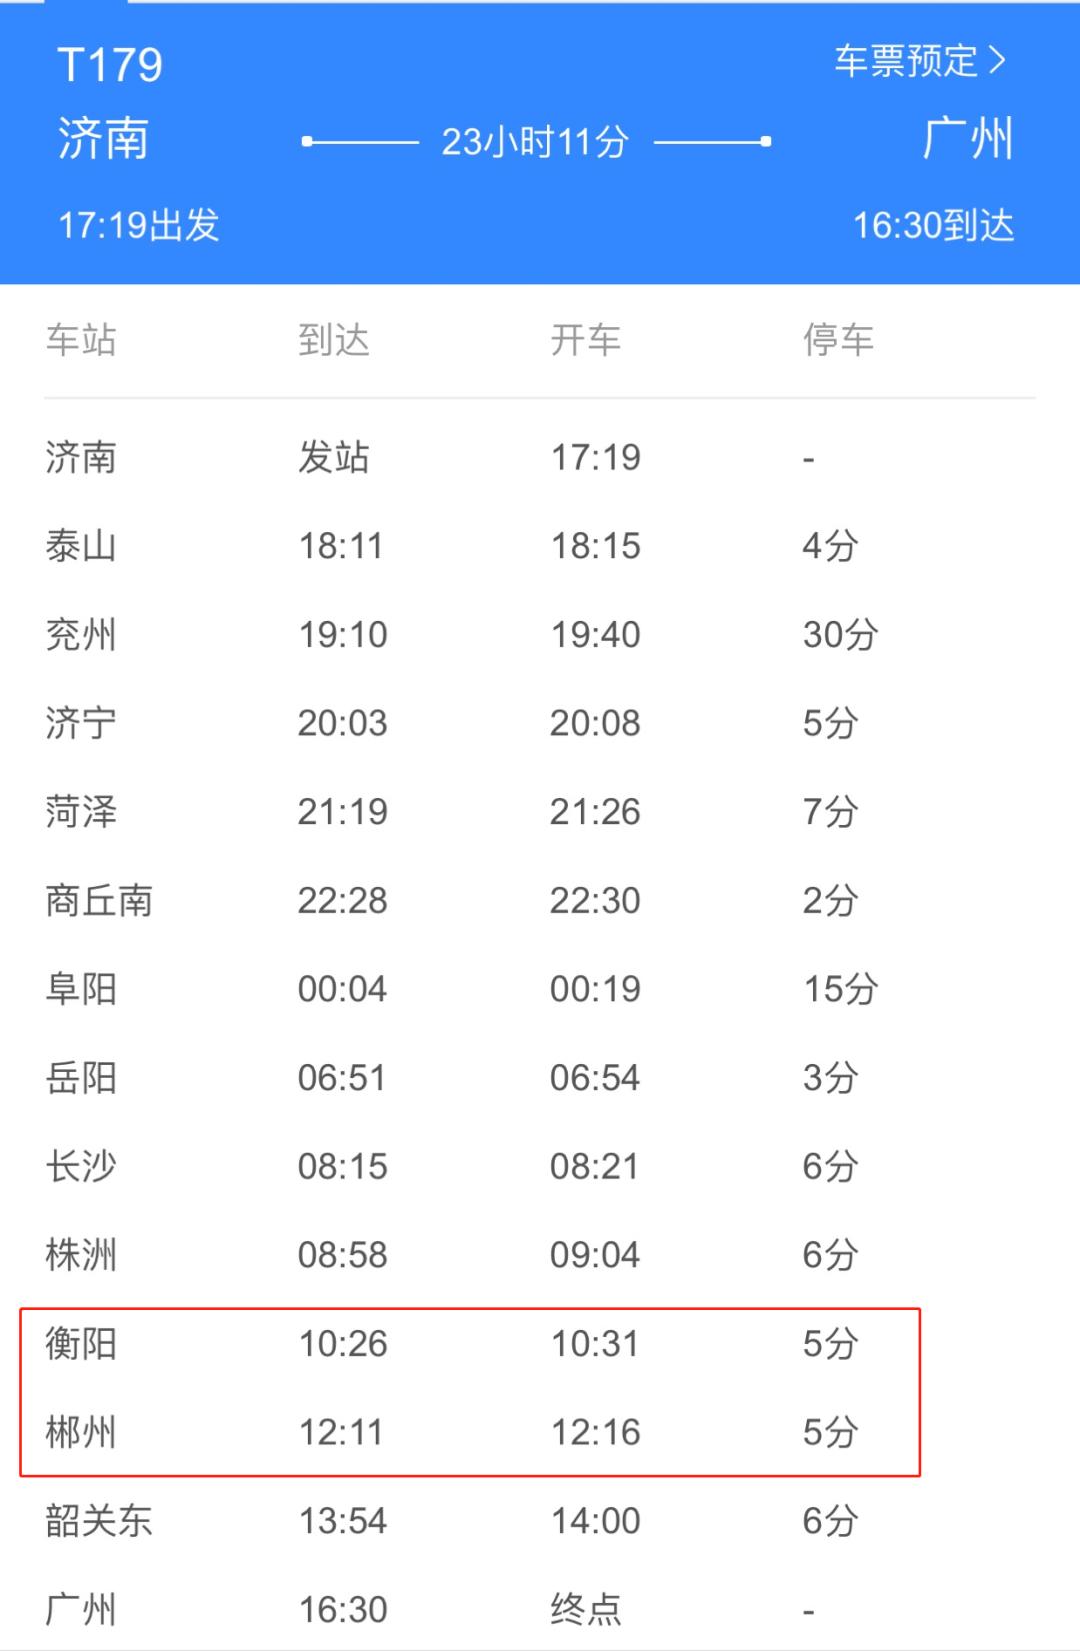 突发!一开往广州列车在湖南脱轨侧翻,现场起火!广铁最新通报插图8